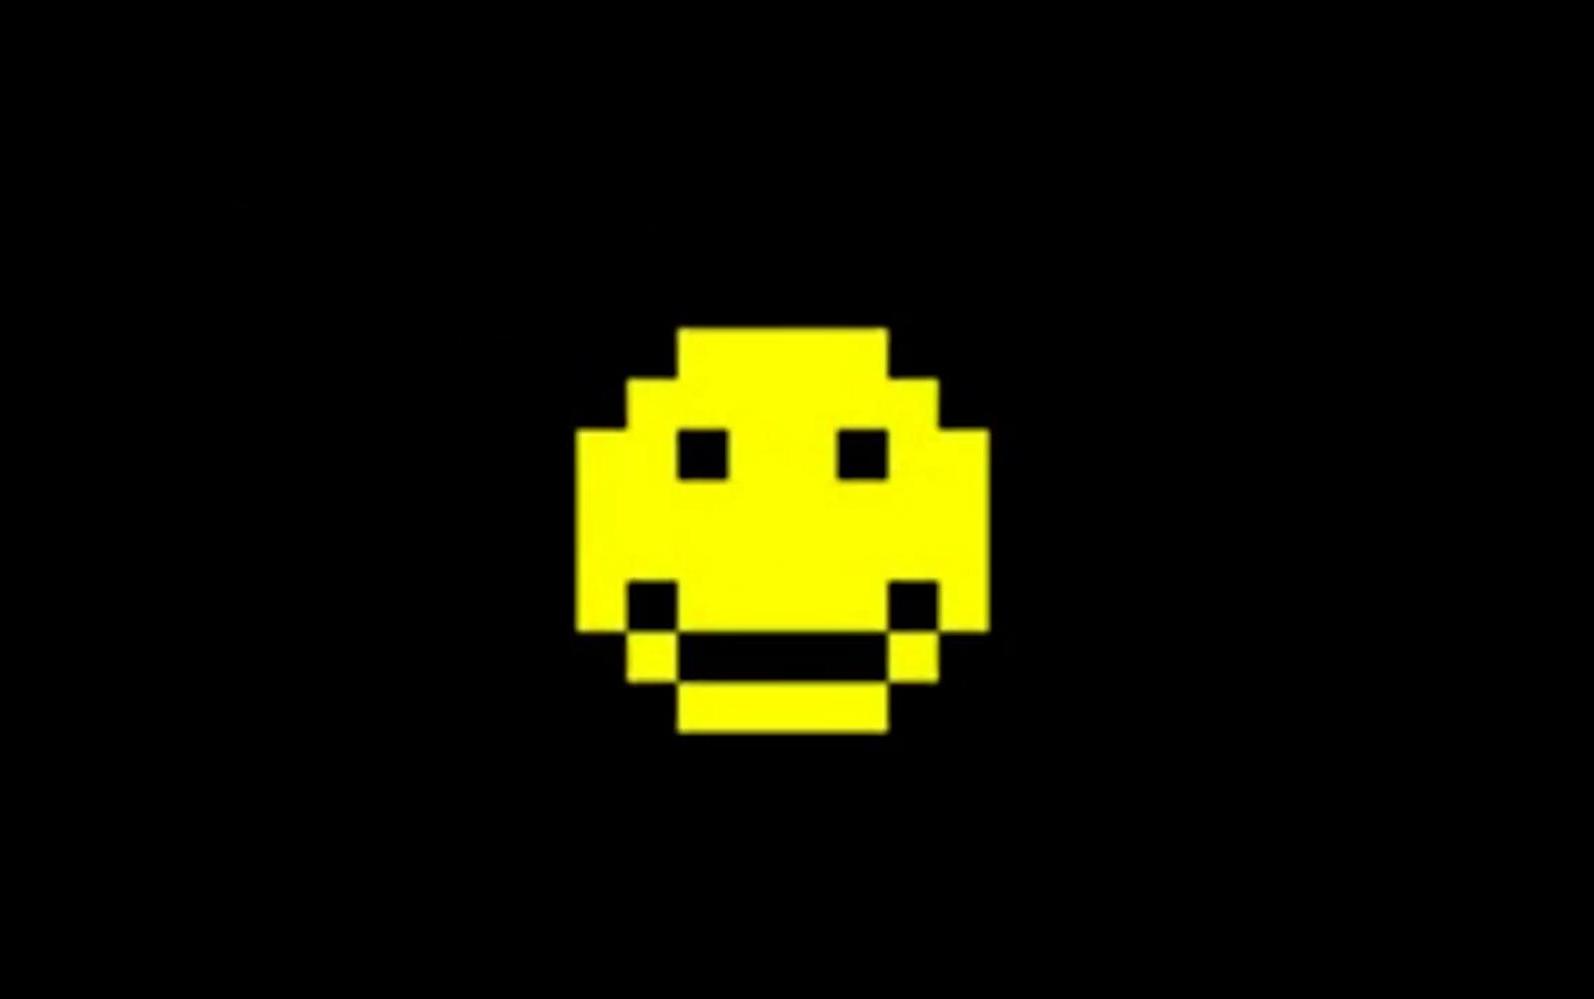 受到恶魔诅咒的杀人游戏 世界上第一起游戏怪闻 笑脸奥托